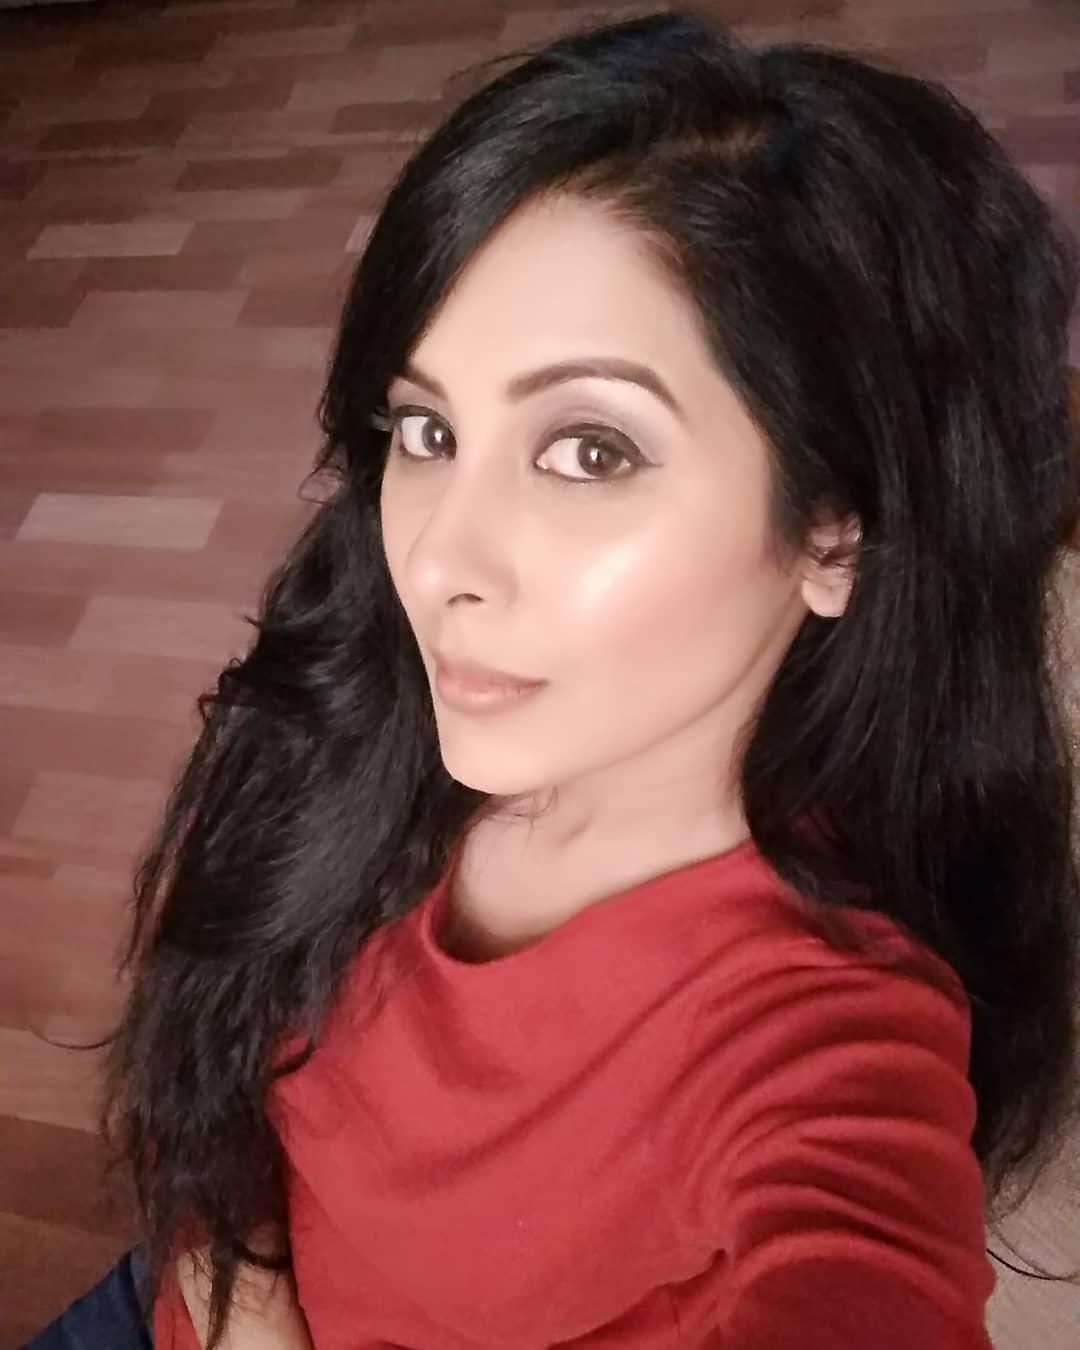 'ये रिश्ता क्या कहलाता है'अभिनेत्री सिमरन खन्ना ने अपने पति से लिया तलाक, कहीं ये बात